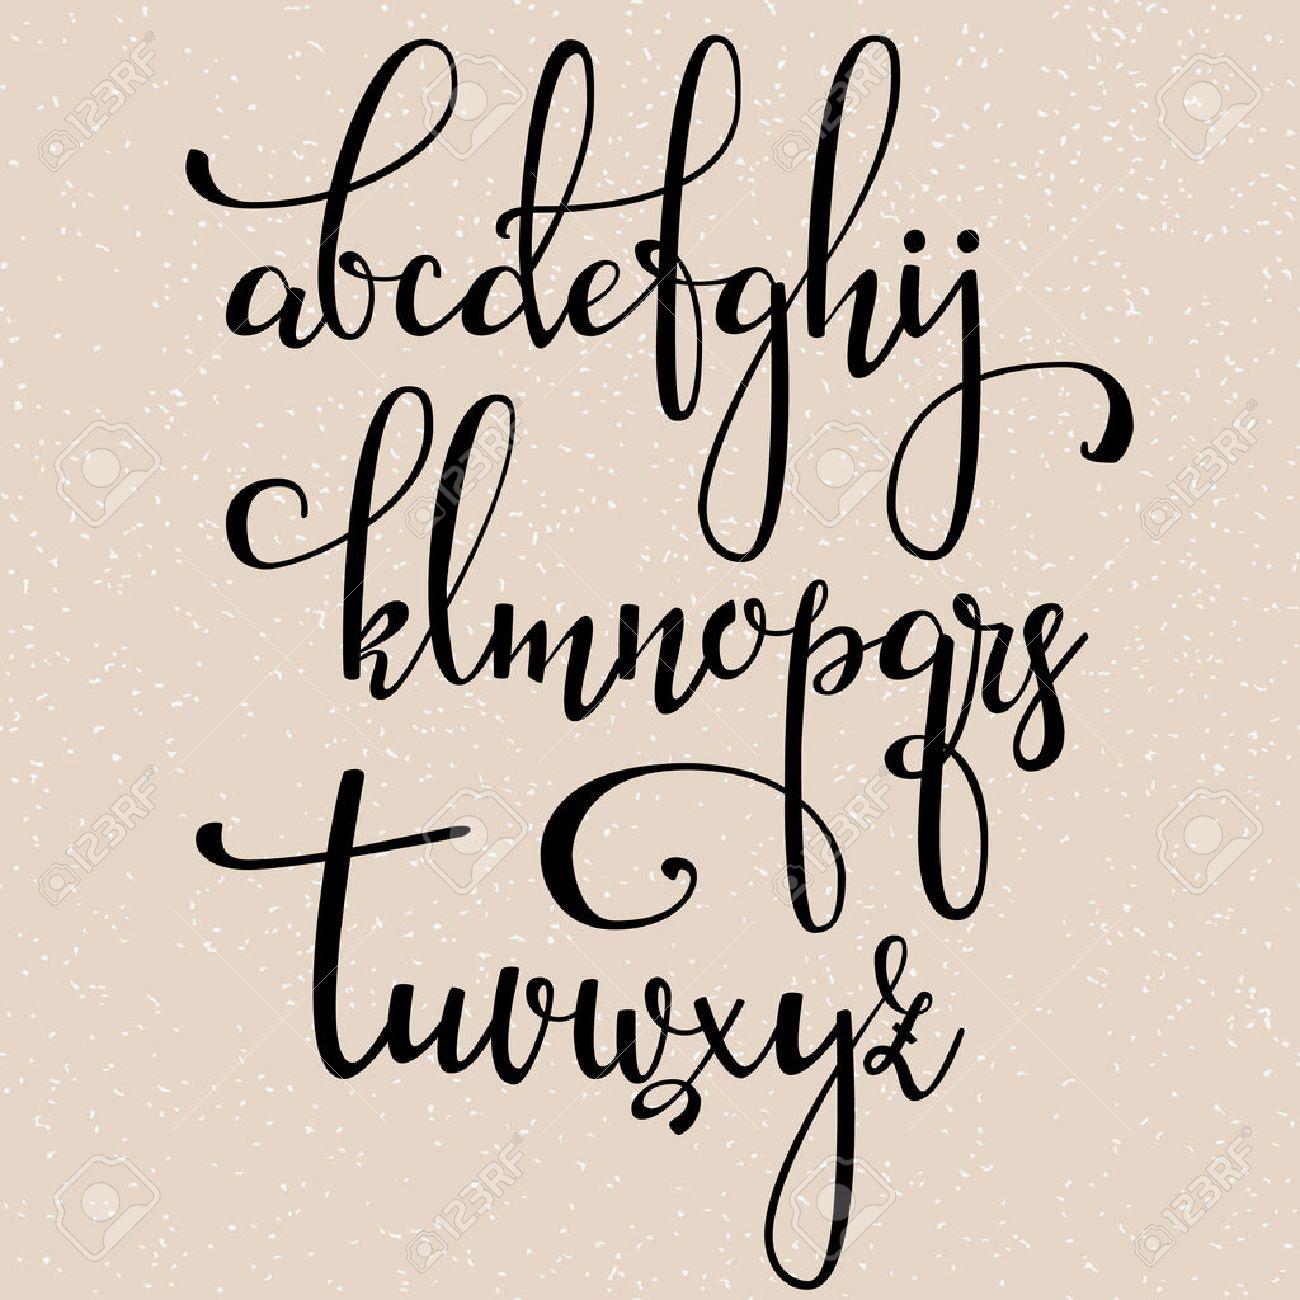 華麗さと手書きのブラシ スタイル現代書道草書フォント。書道の